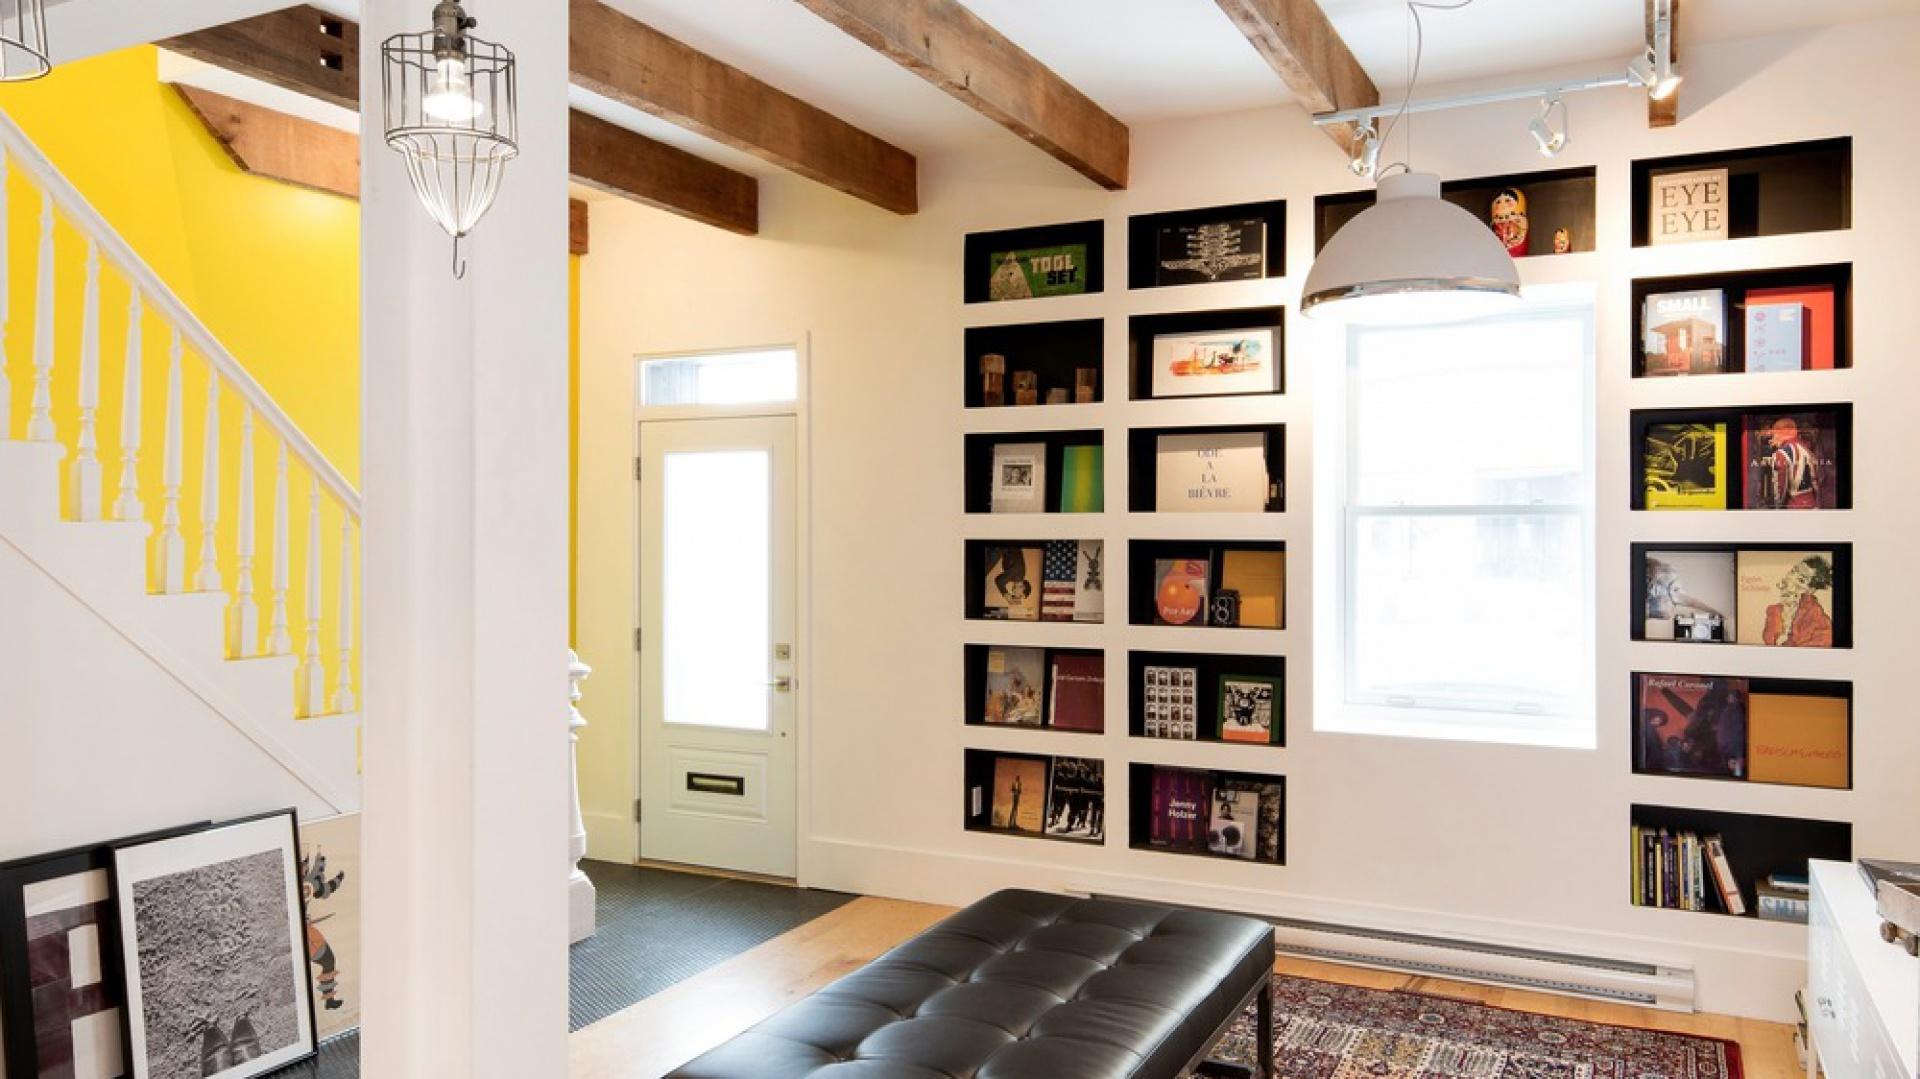 W salonie w zabudowę ścienną wkomponowane nisze-półki, na których mogą stanąć książki bądź dekoracje. Projekt: MARK+VIVI. Fot. Adrien Williams.